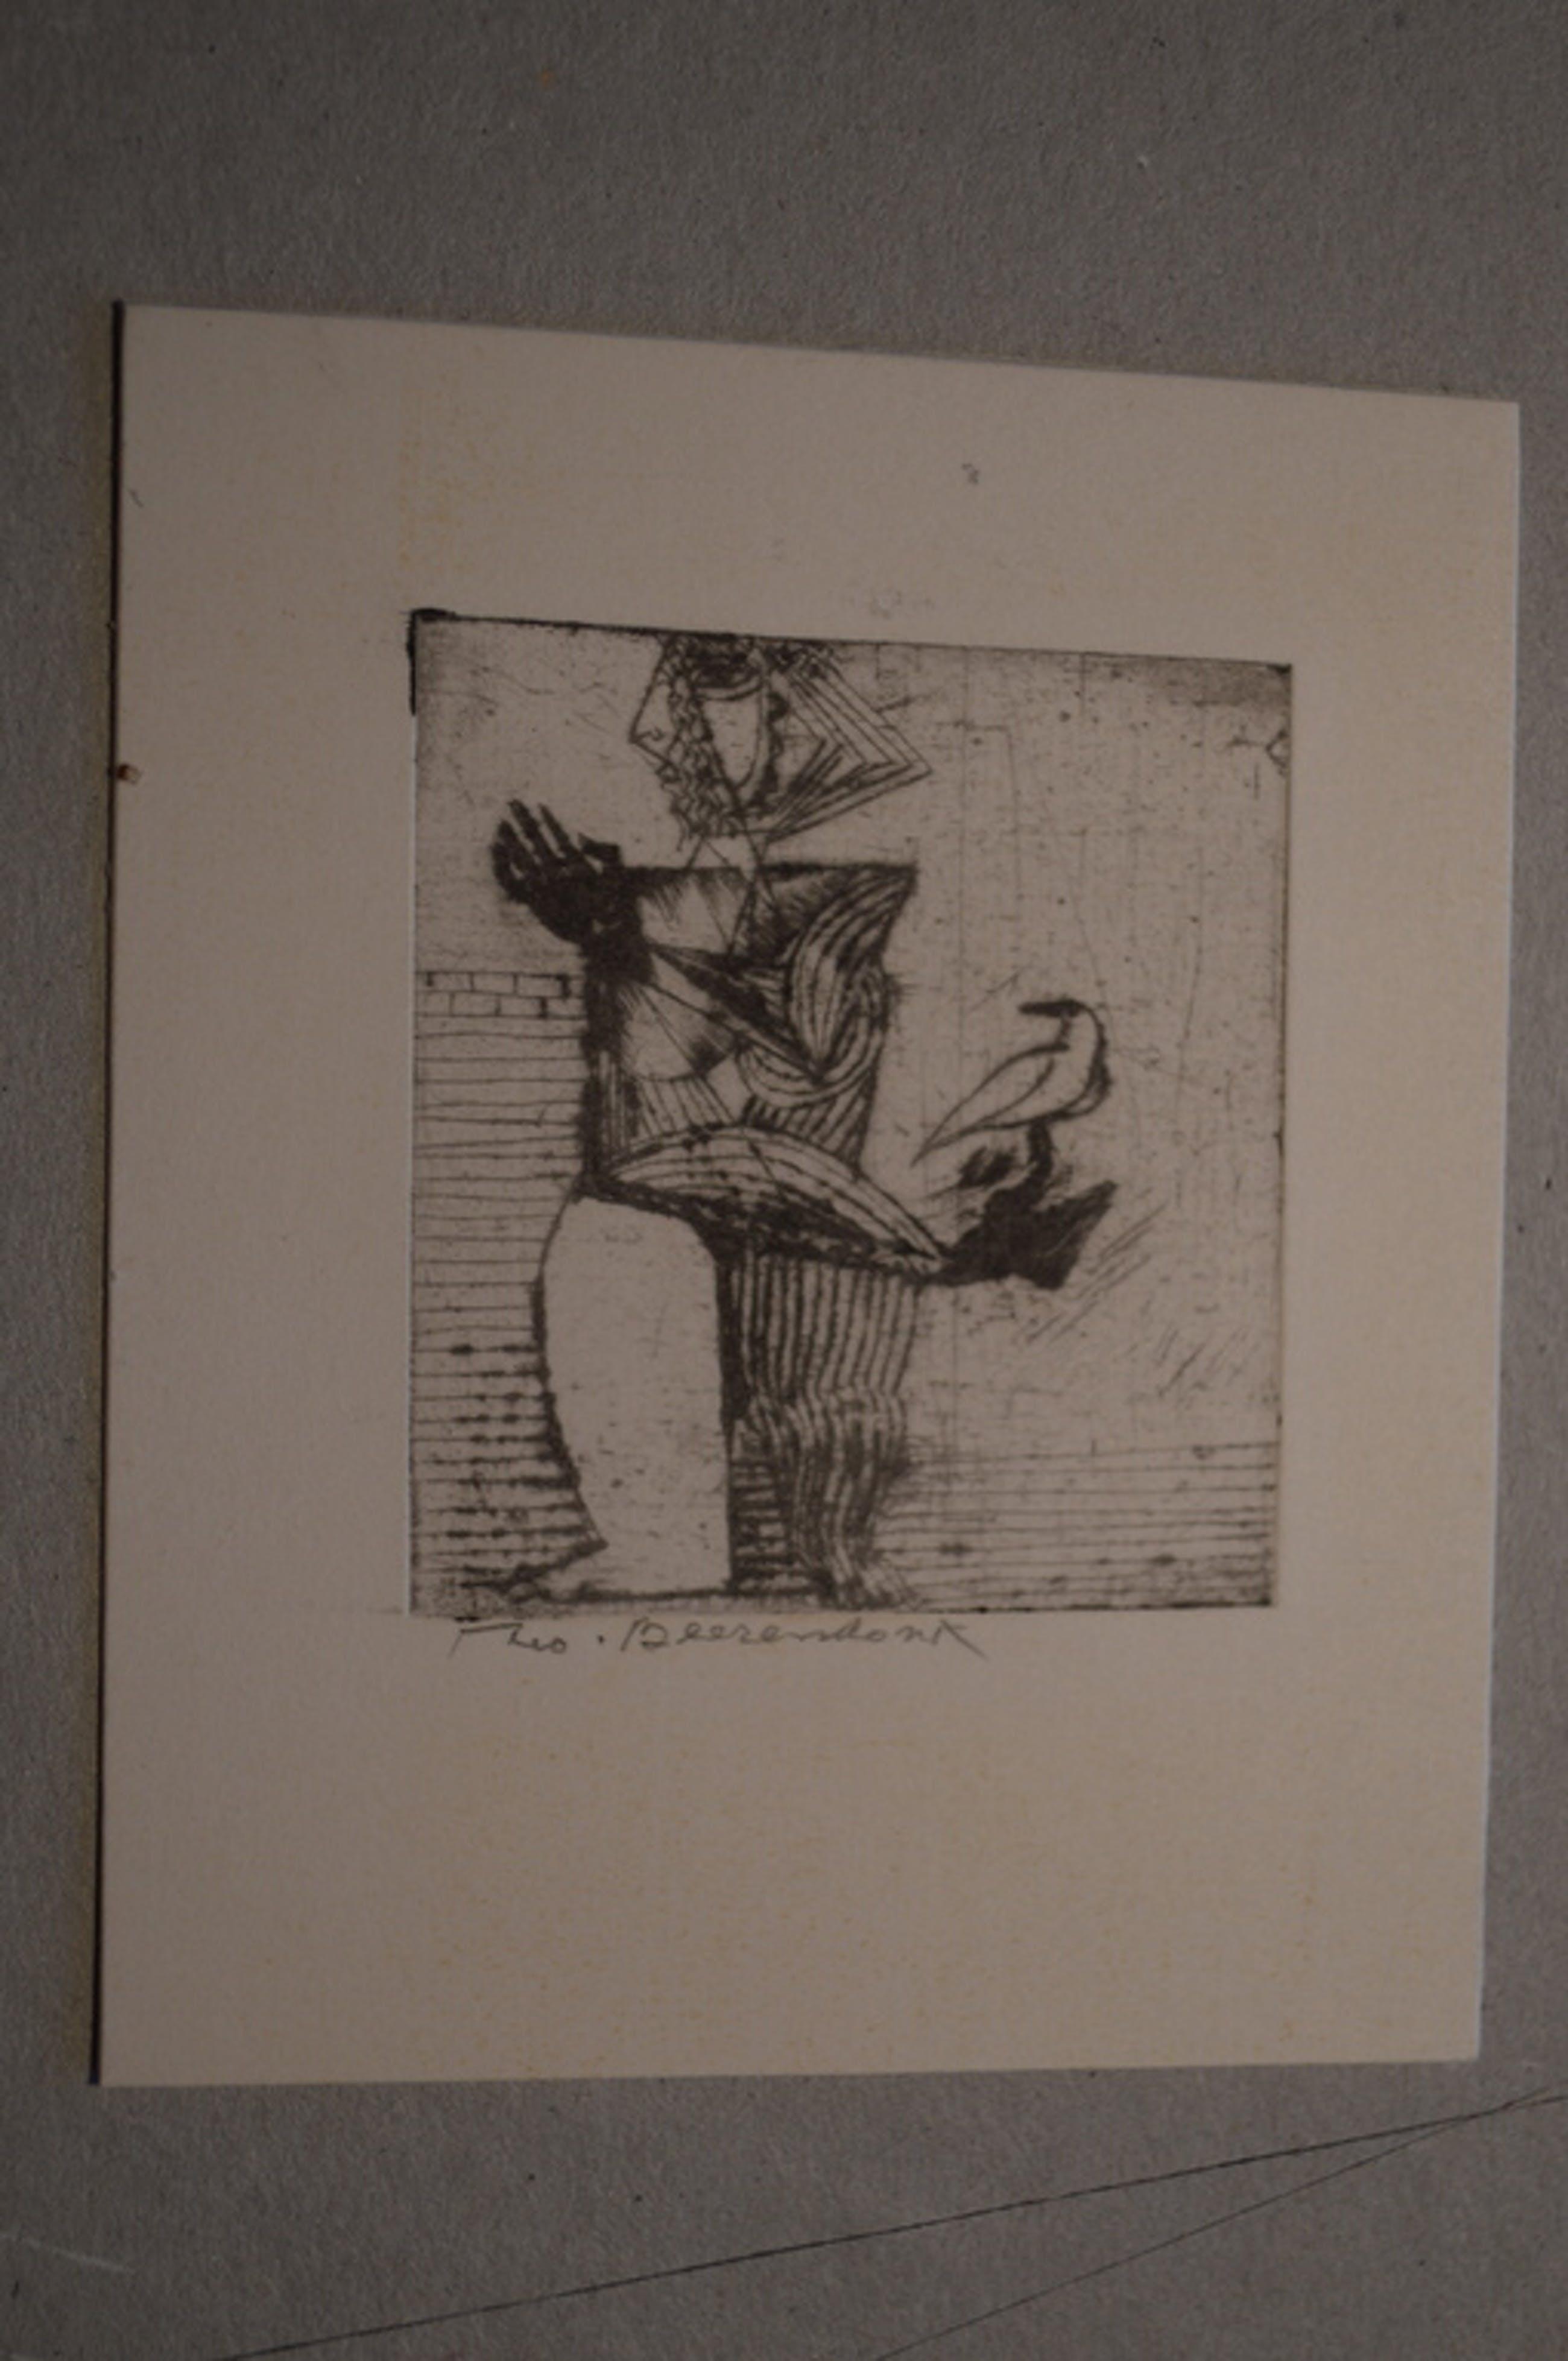 Theo Beerendonk ( 1905-1979) ets, naakt, 12.1971 - 5,5 x 5 (10 x 8 )  kopen? Bied vanaf 15!